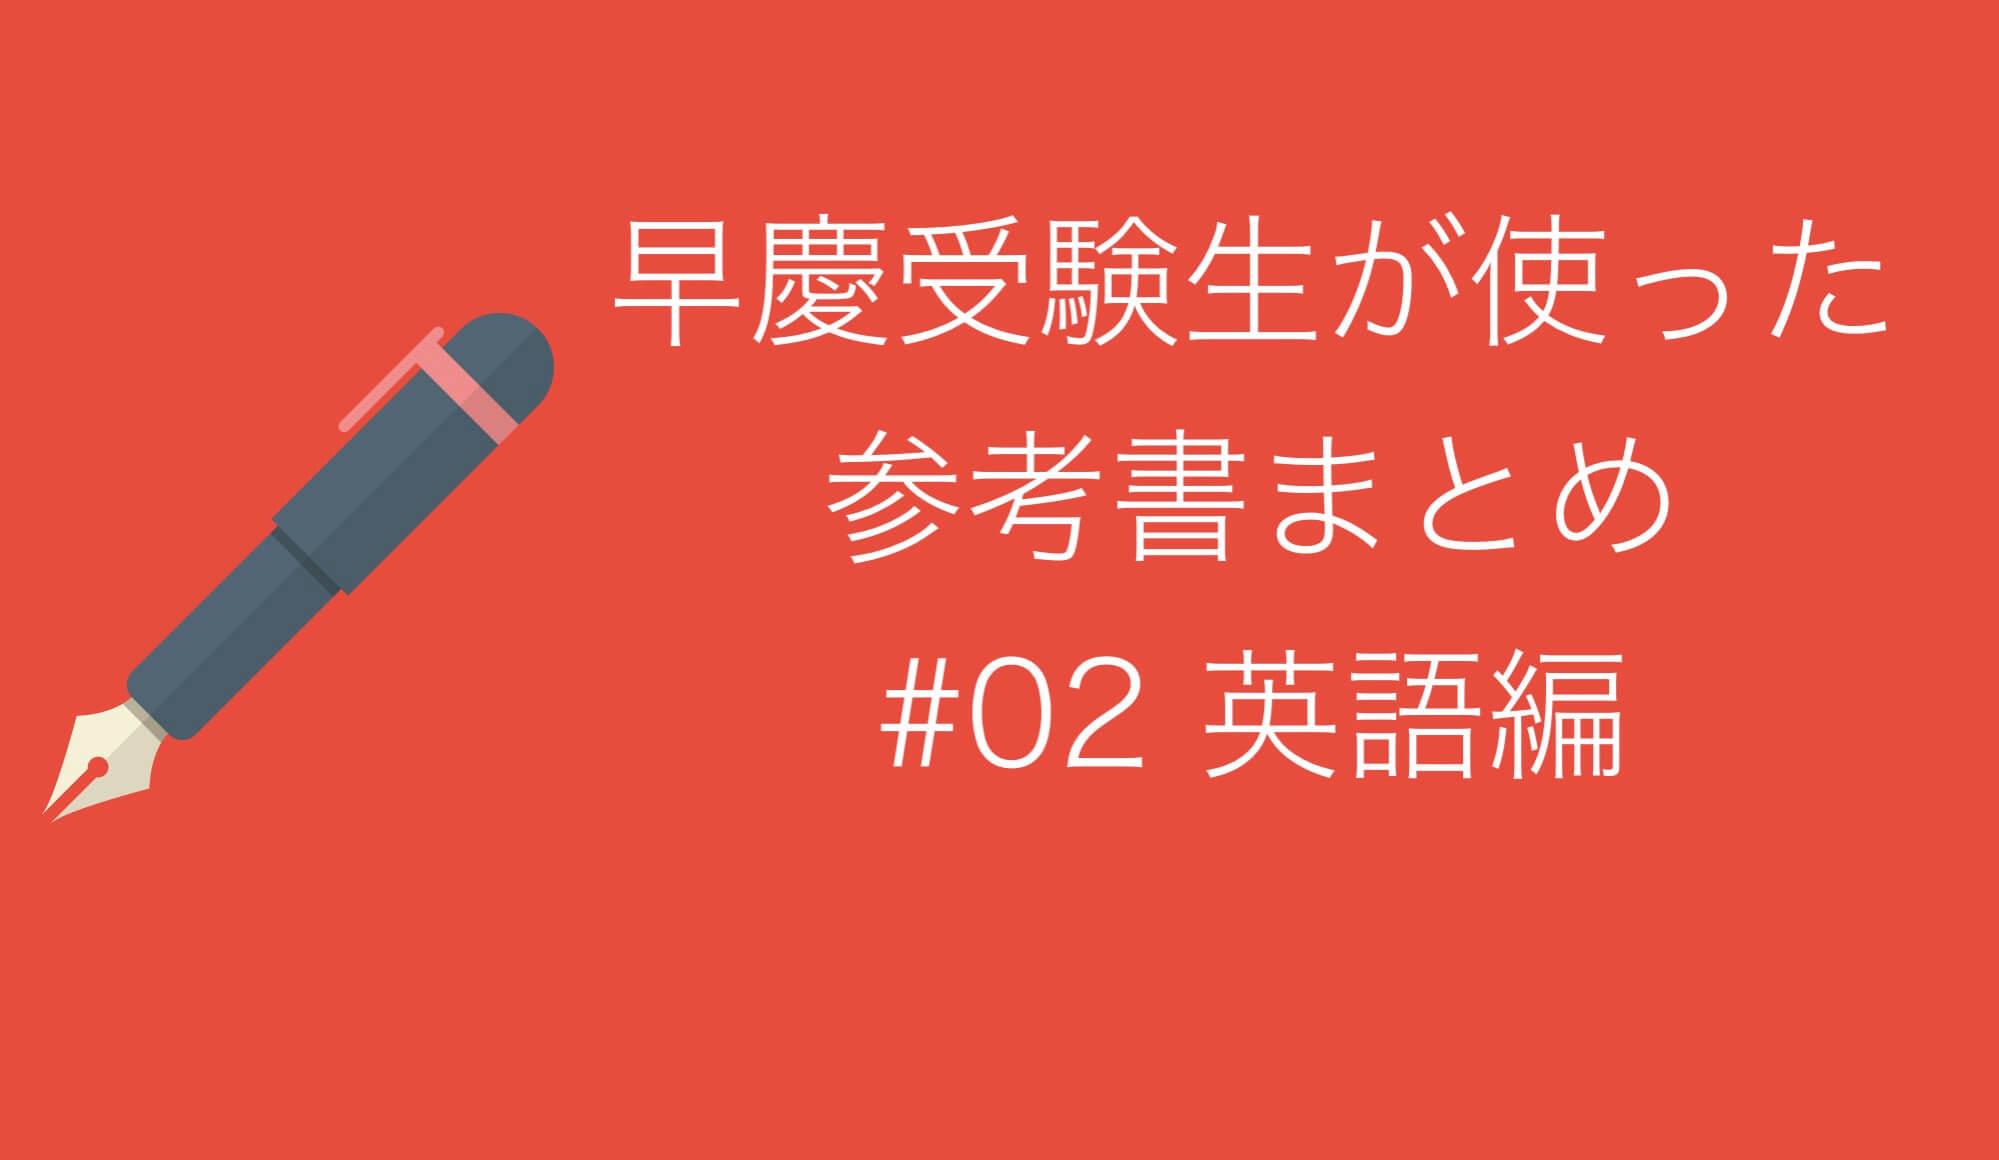 【2017年度】現役で早慶受けた高3が使ってたマジで使える参考書まとめ(英語編)